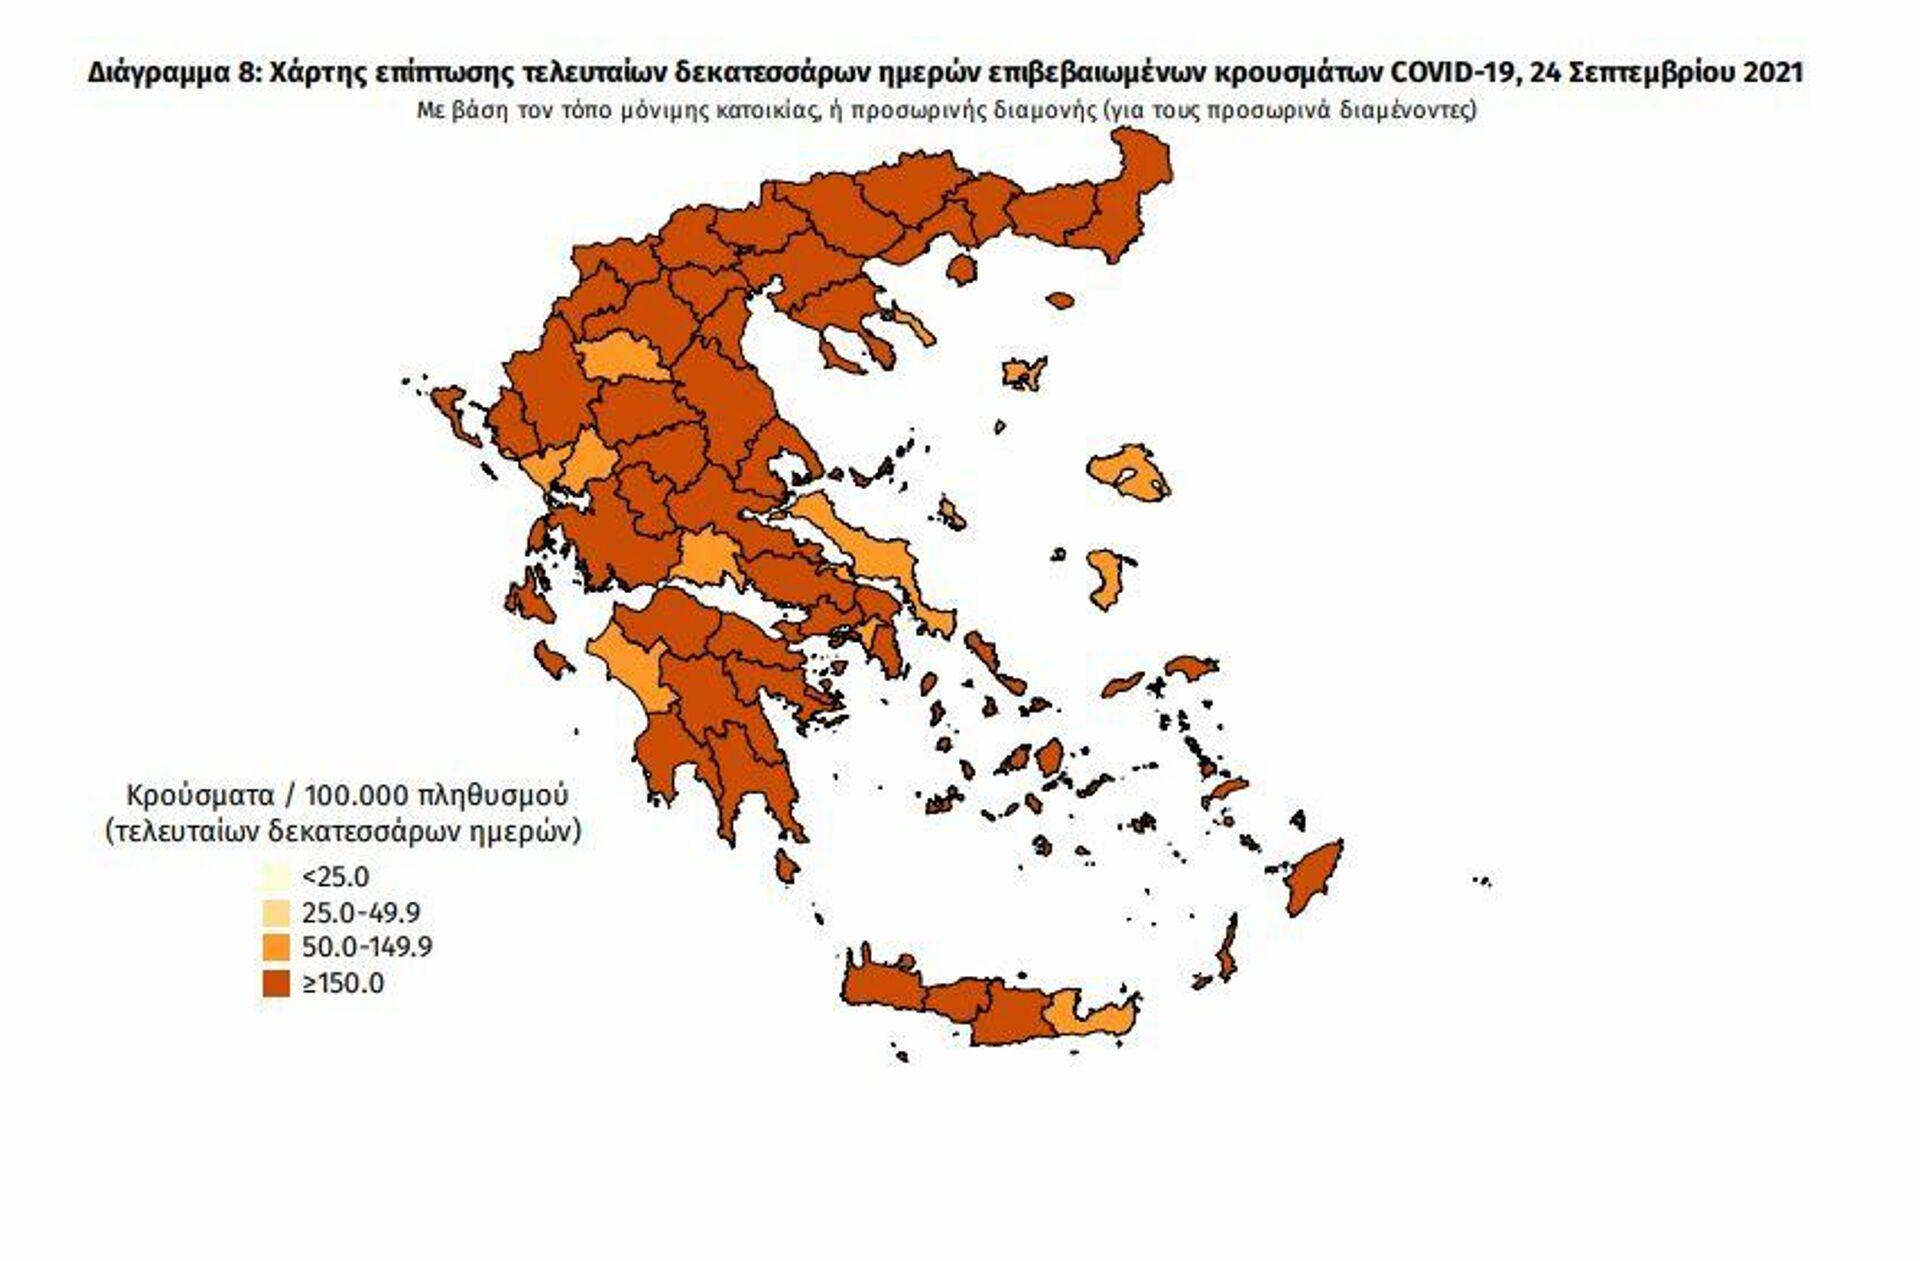 Χάρτης κρουσμάτων 14 ημερών - Sputnik Ελλάδα, 1920, 24.09.2021